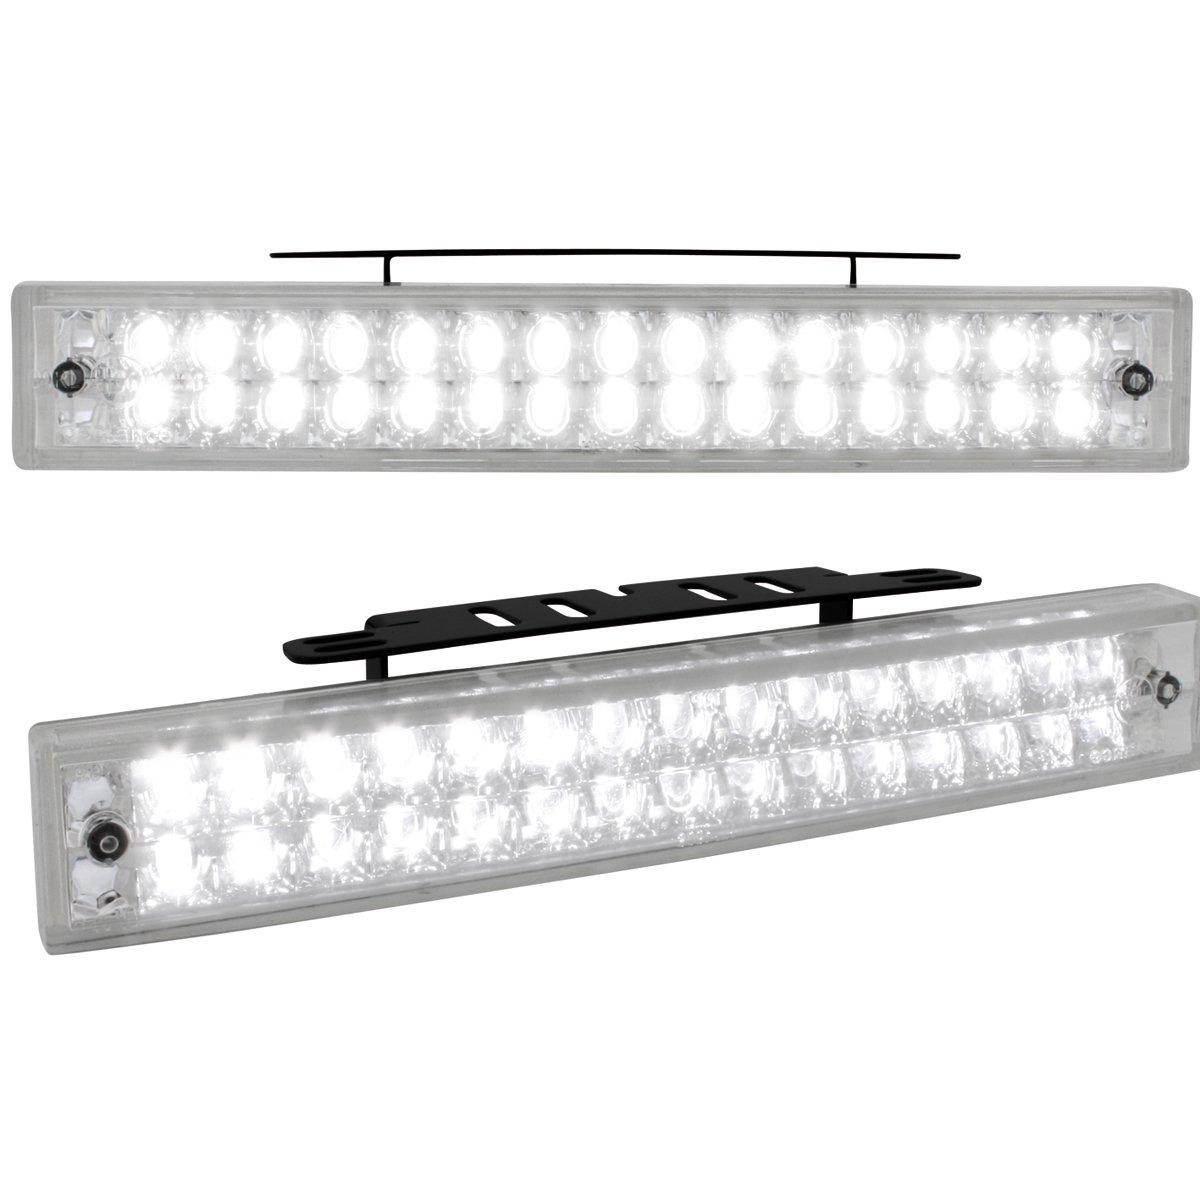 2 St/ück Dectane LGX06 Tagfahrlicht mit 30 LED LxHxT 190x30x40mm